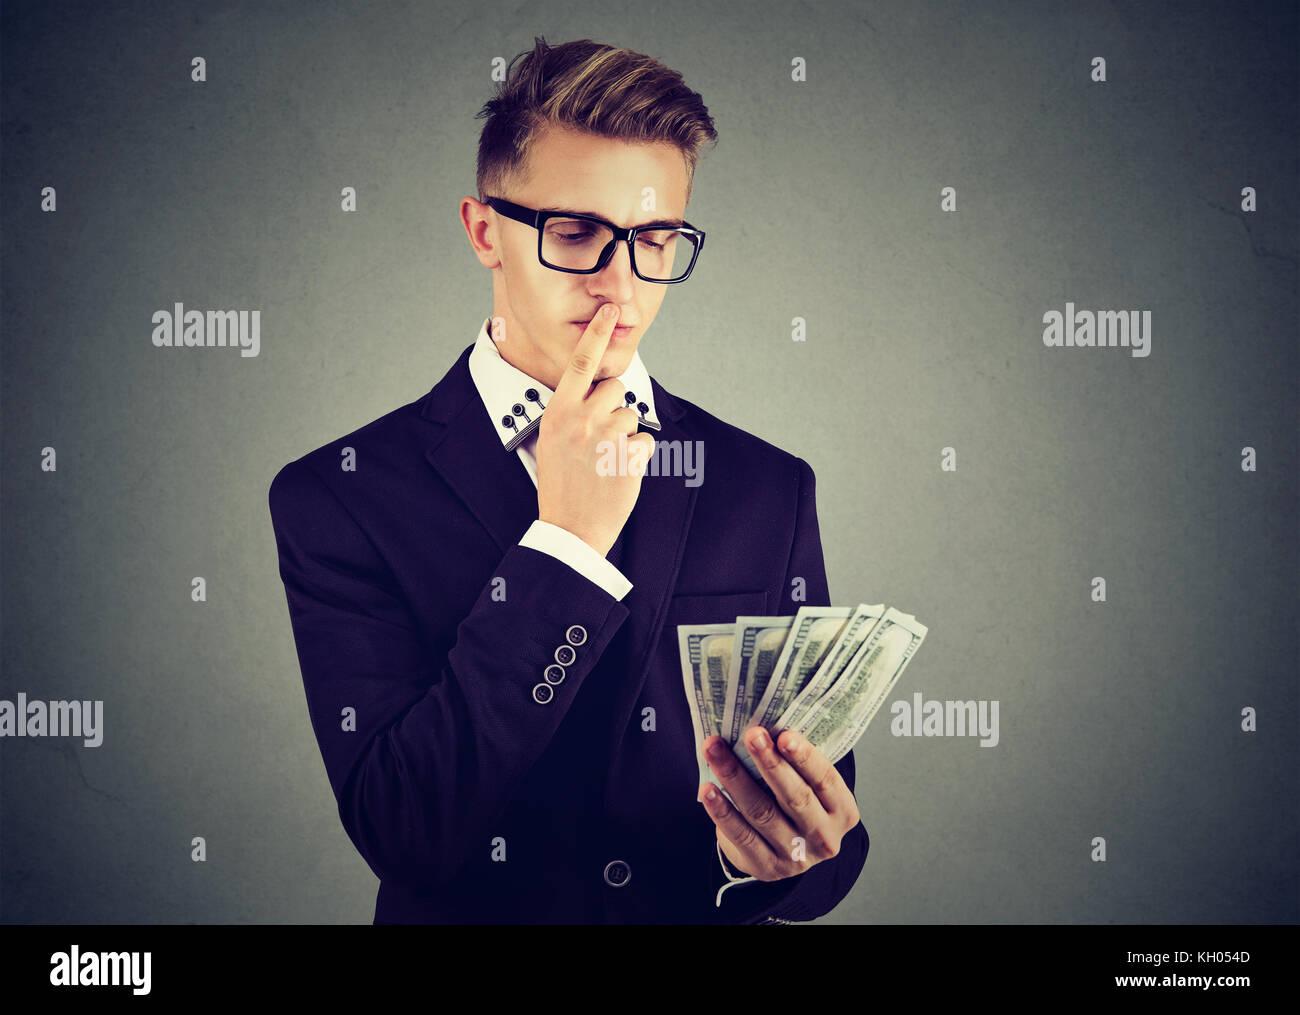 Ehrgeizige junge Geschäftsmann mit Geld Stockbild